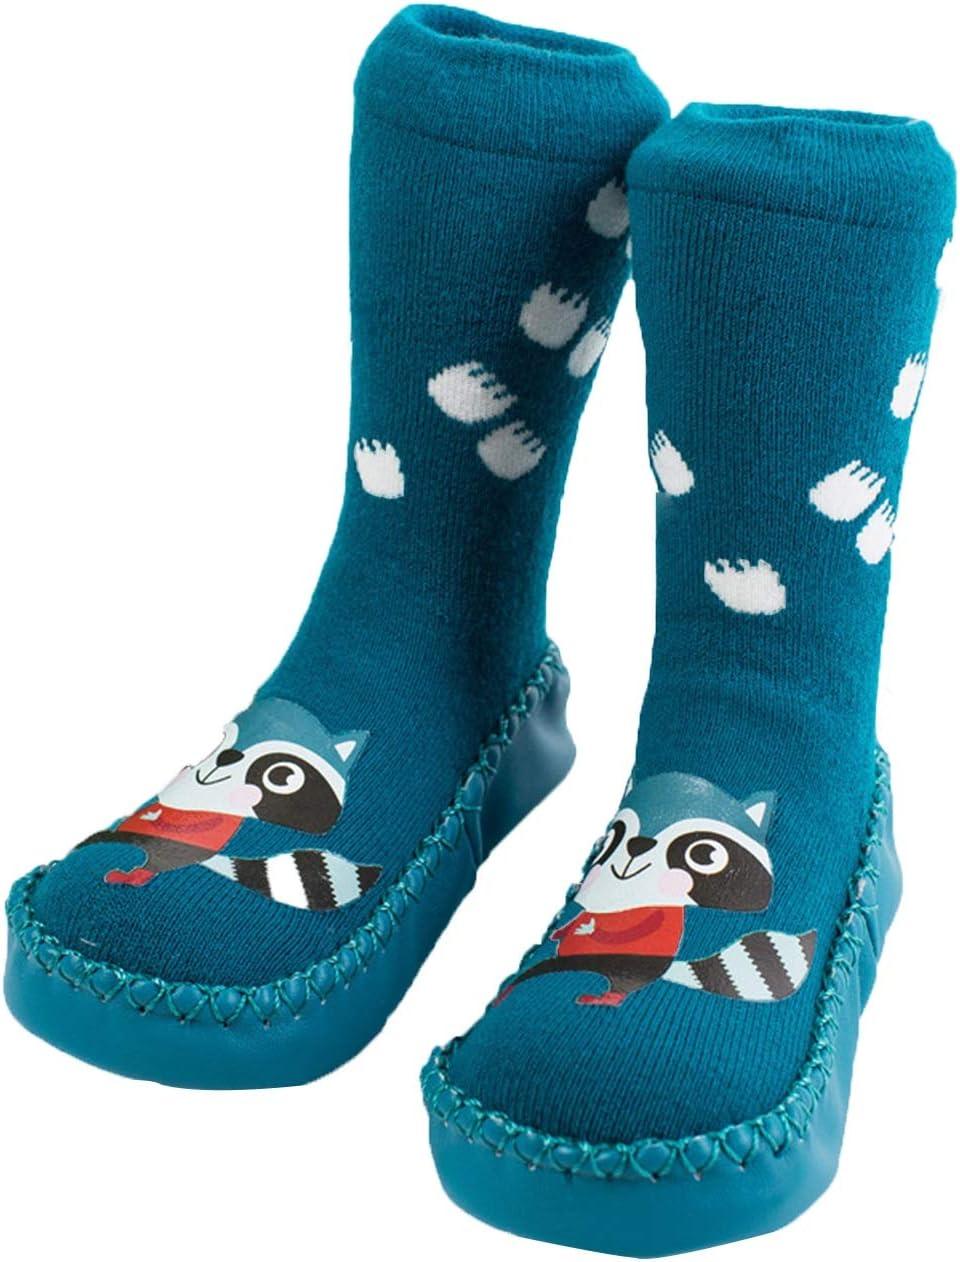 WUQIANG Floor Socks Japan Maker New Ranking TOP2 Children's Indoor Slippers Non-Slip Winter